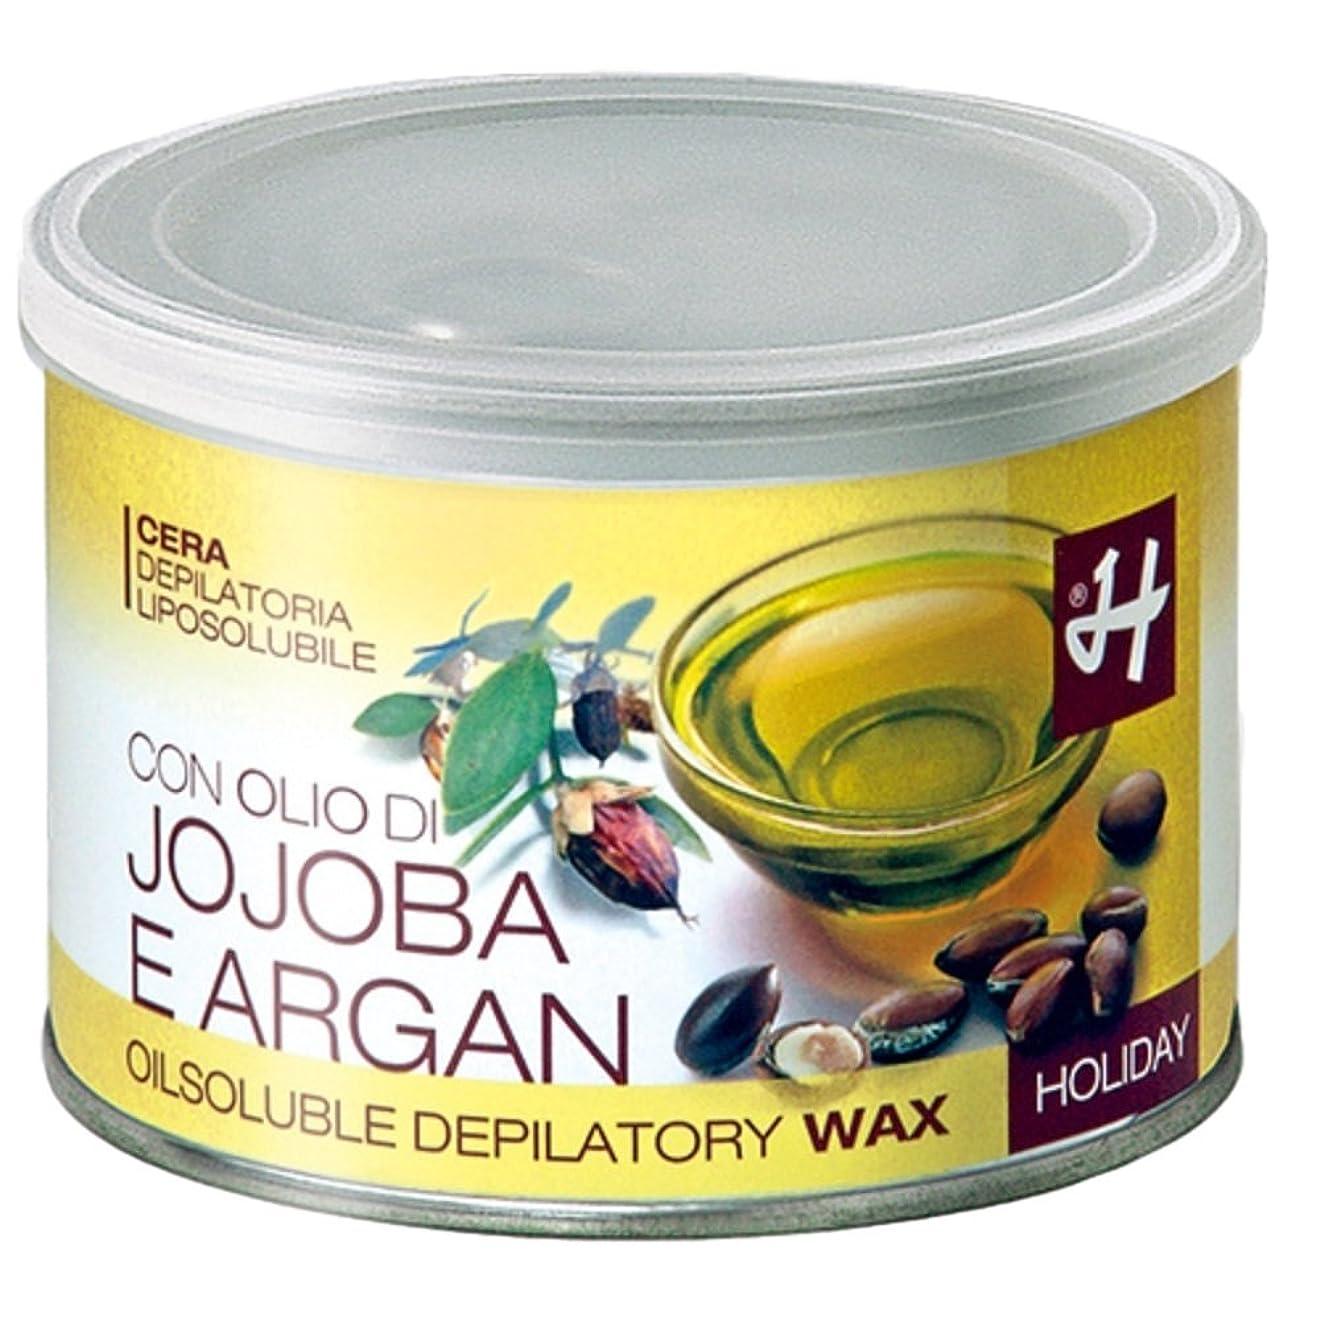 控える農業の微妙HOLIDAY JAPAN (ホリデイジャパン) ホホバ&アルガンオイル?エレメンツ ロジンフリーワックス 400ml イタリア製 ブラジリアンワックス WAX